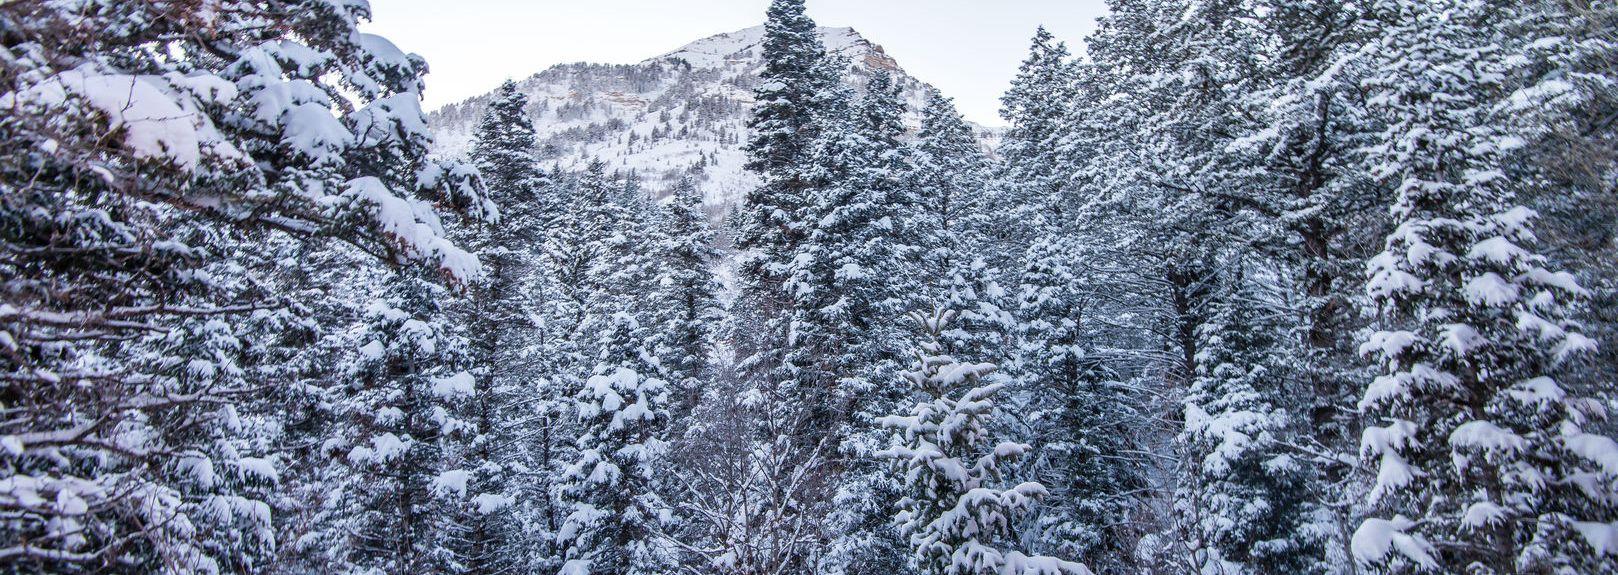 Timpanogos Cave National Monument, Utah, Verenigde Staten